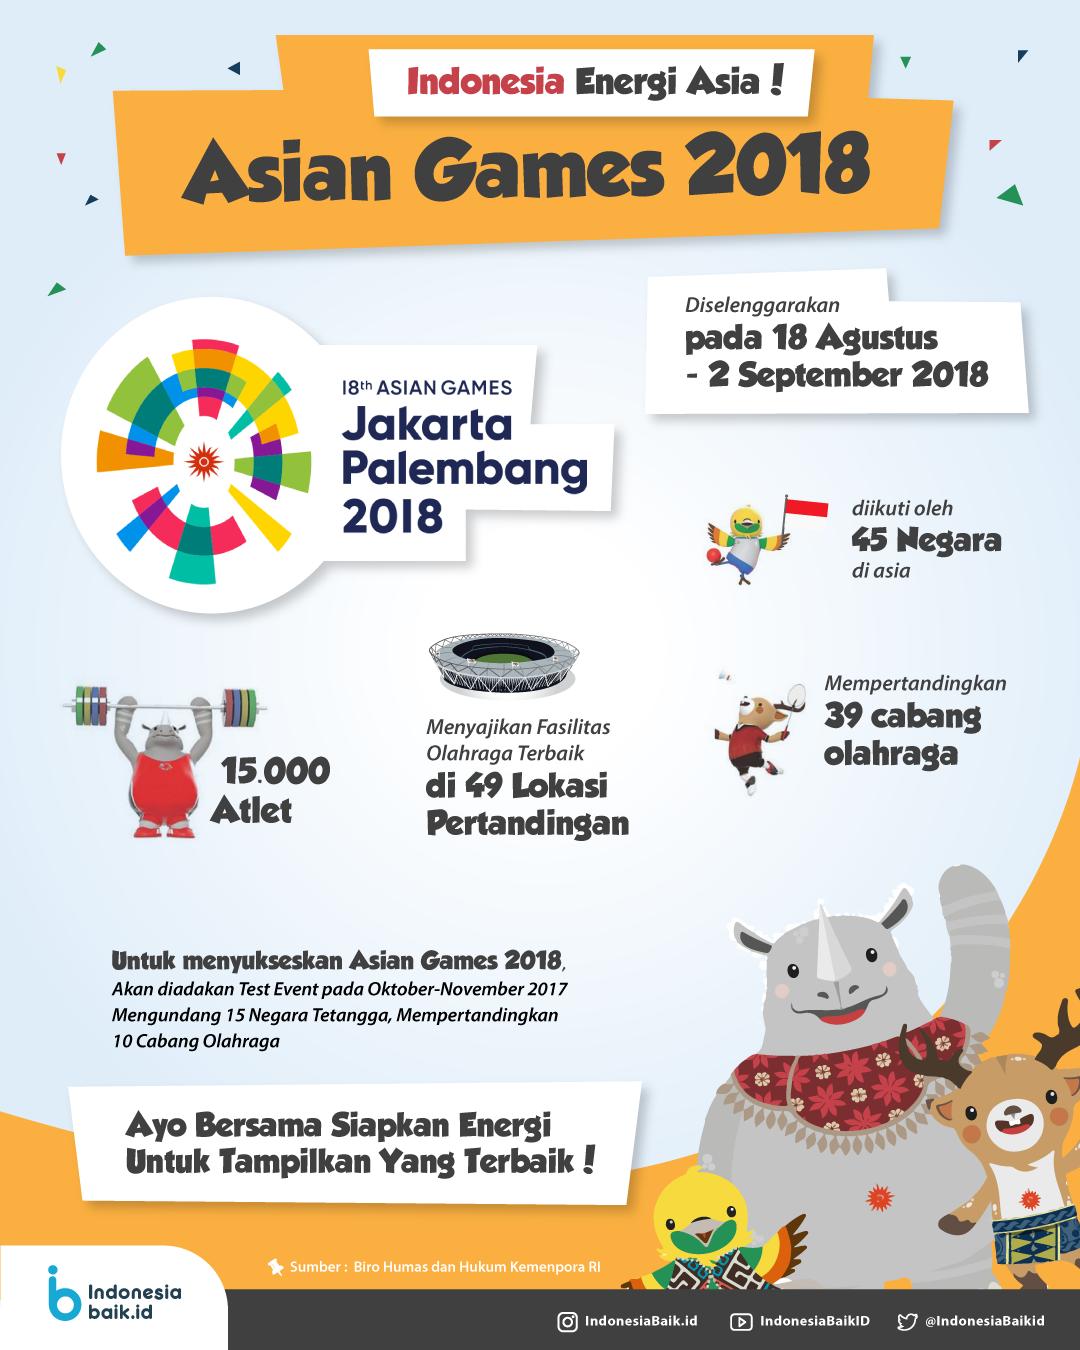 Indonesia Energi Asia Asian Games 2018